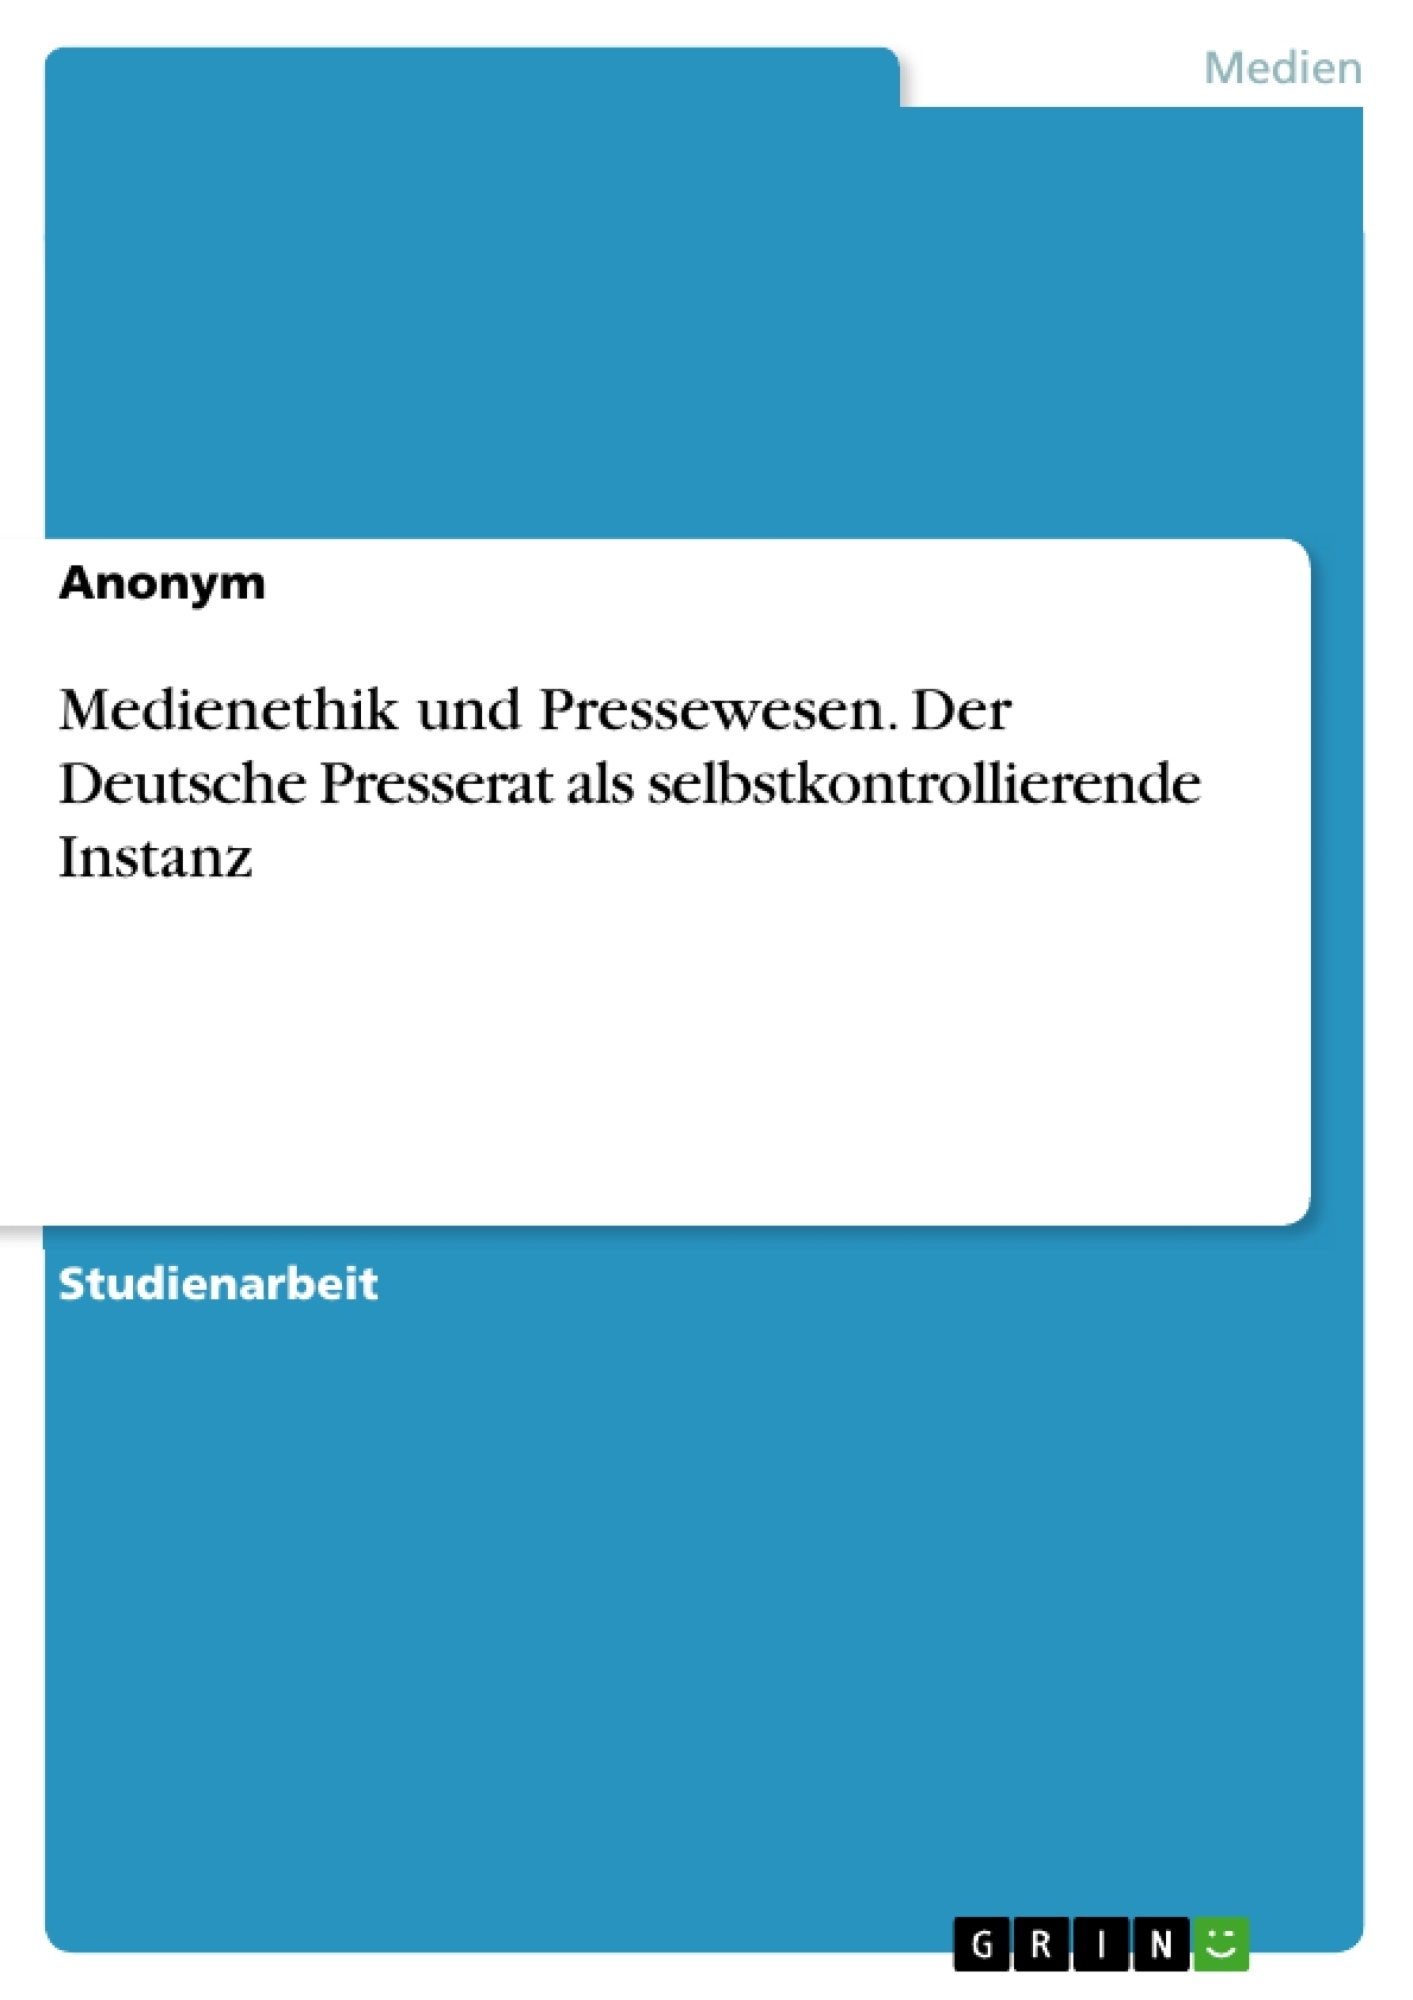 Titel: Medienethik und Pressewesen. Der Deutsche Presserat als selbstkontrollierende Instanz